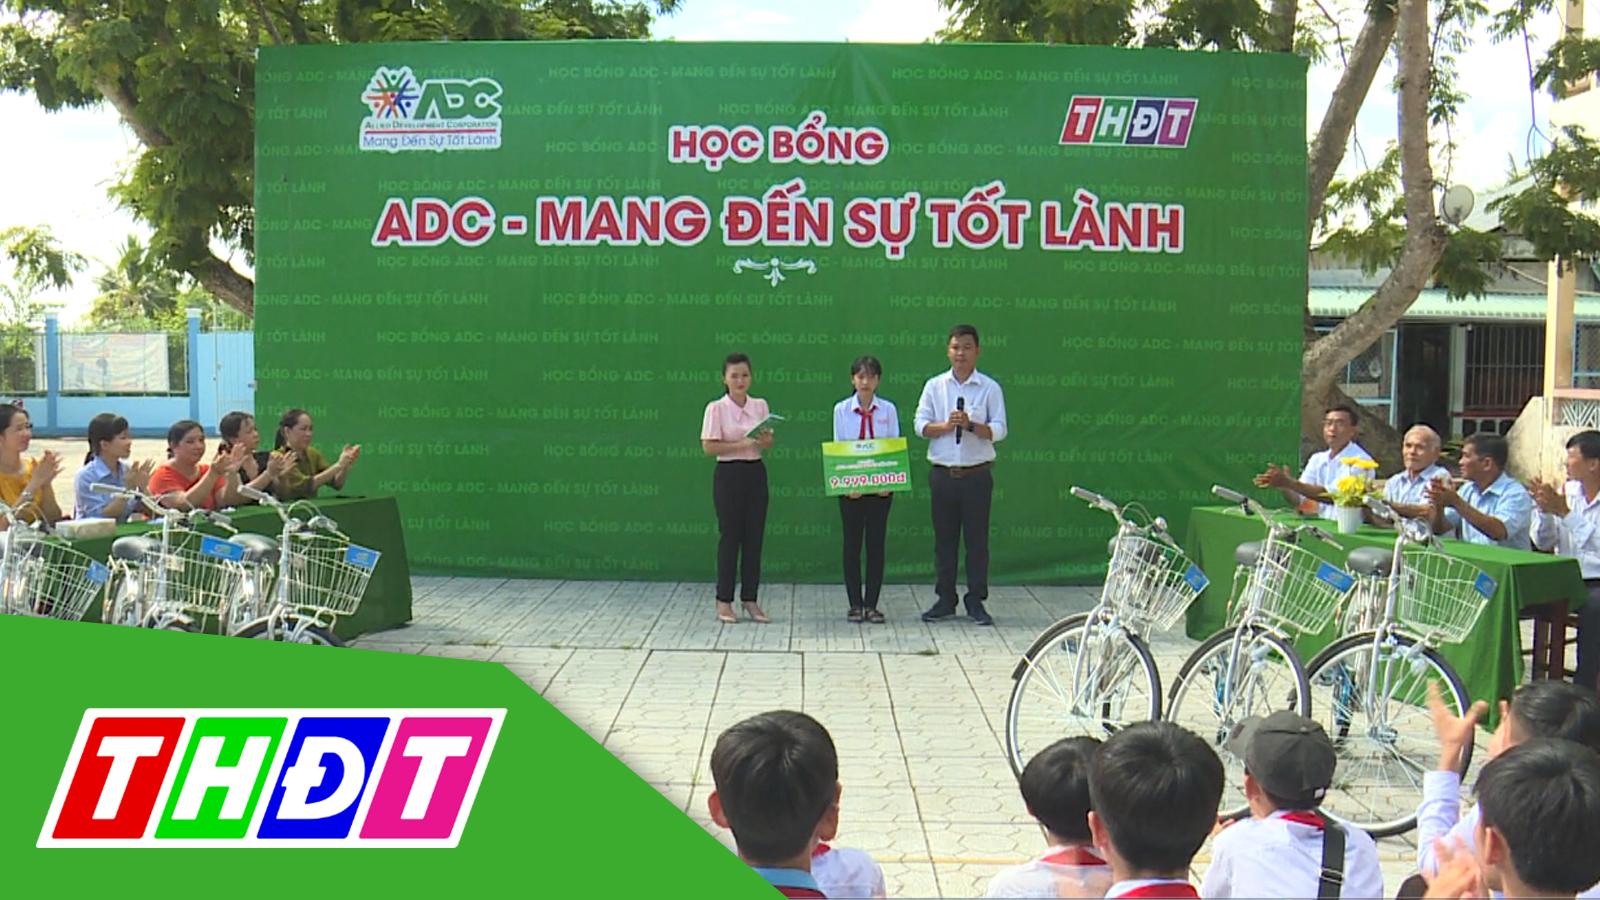 ADC mang đến sự tốt lành - 12/10/2020: Em Nguyễn Thị Kiều Oanh